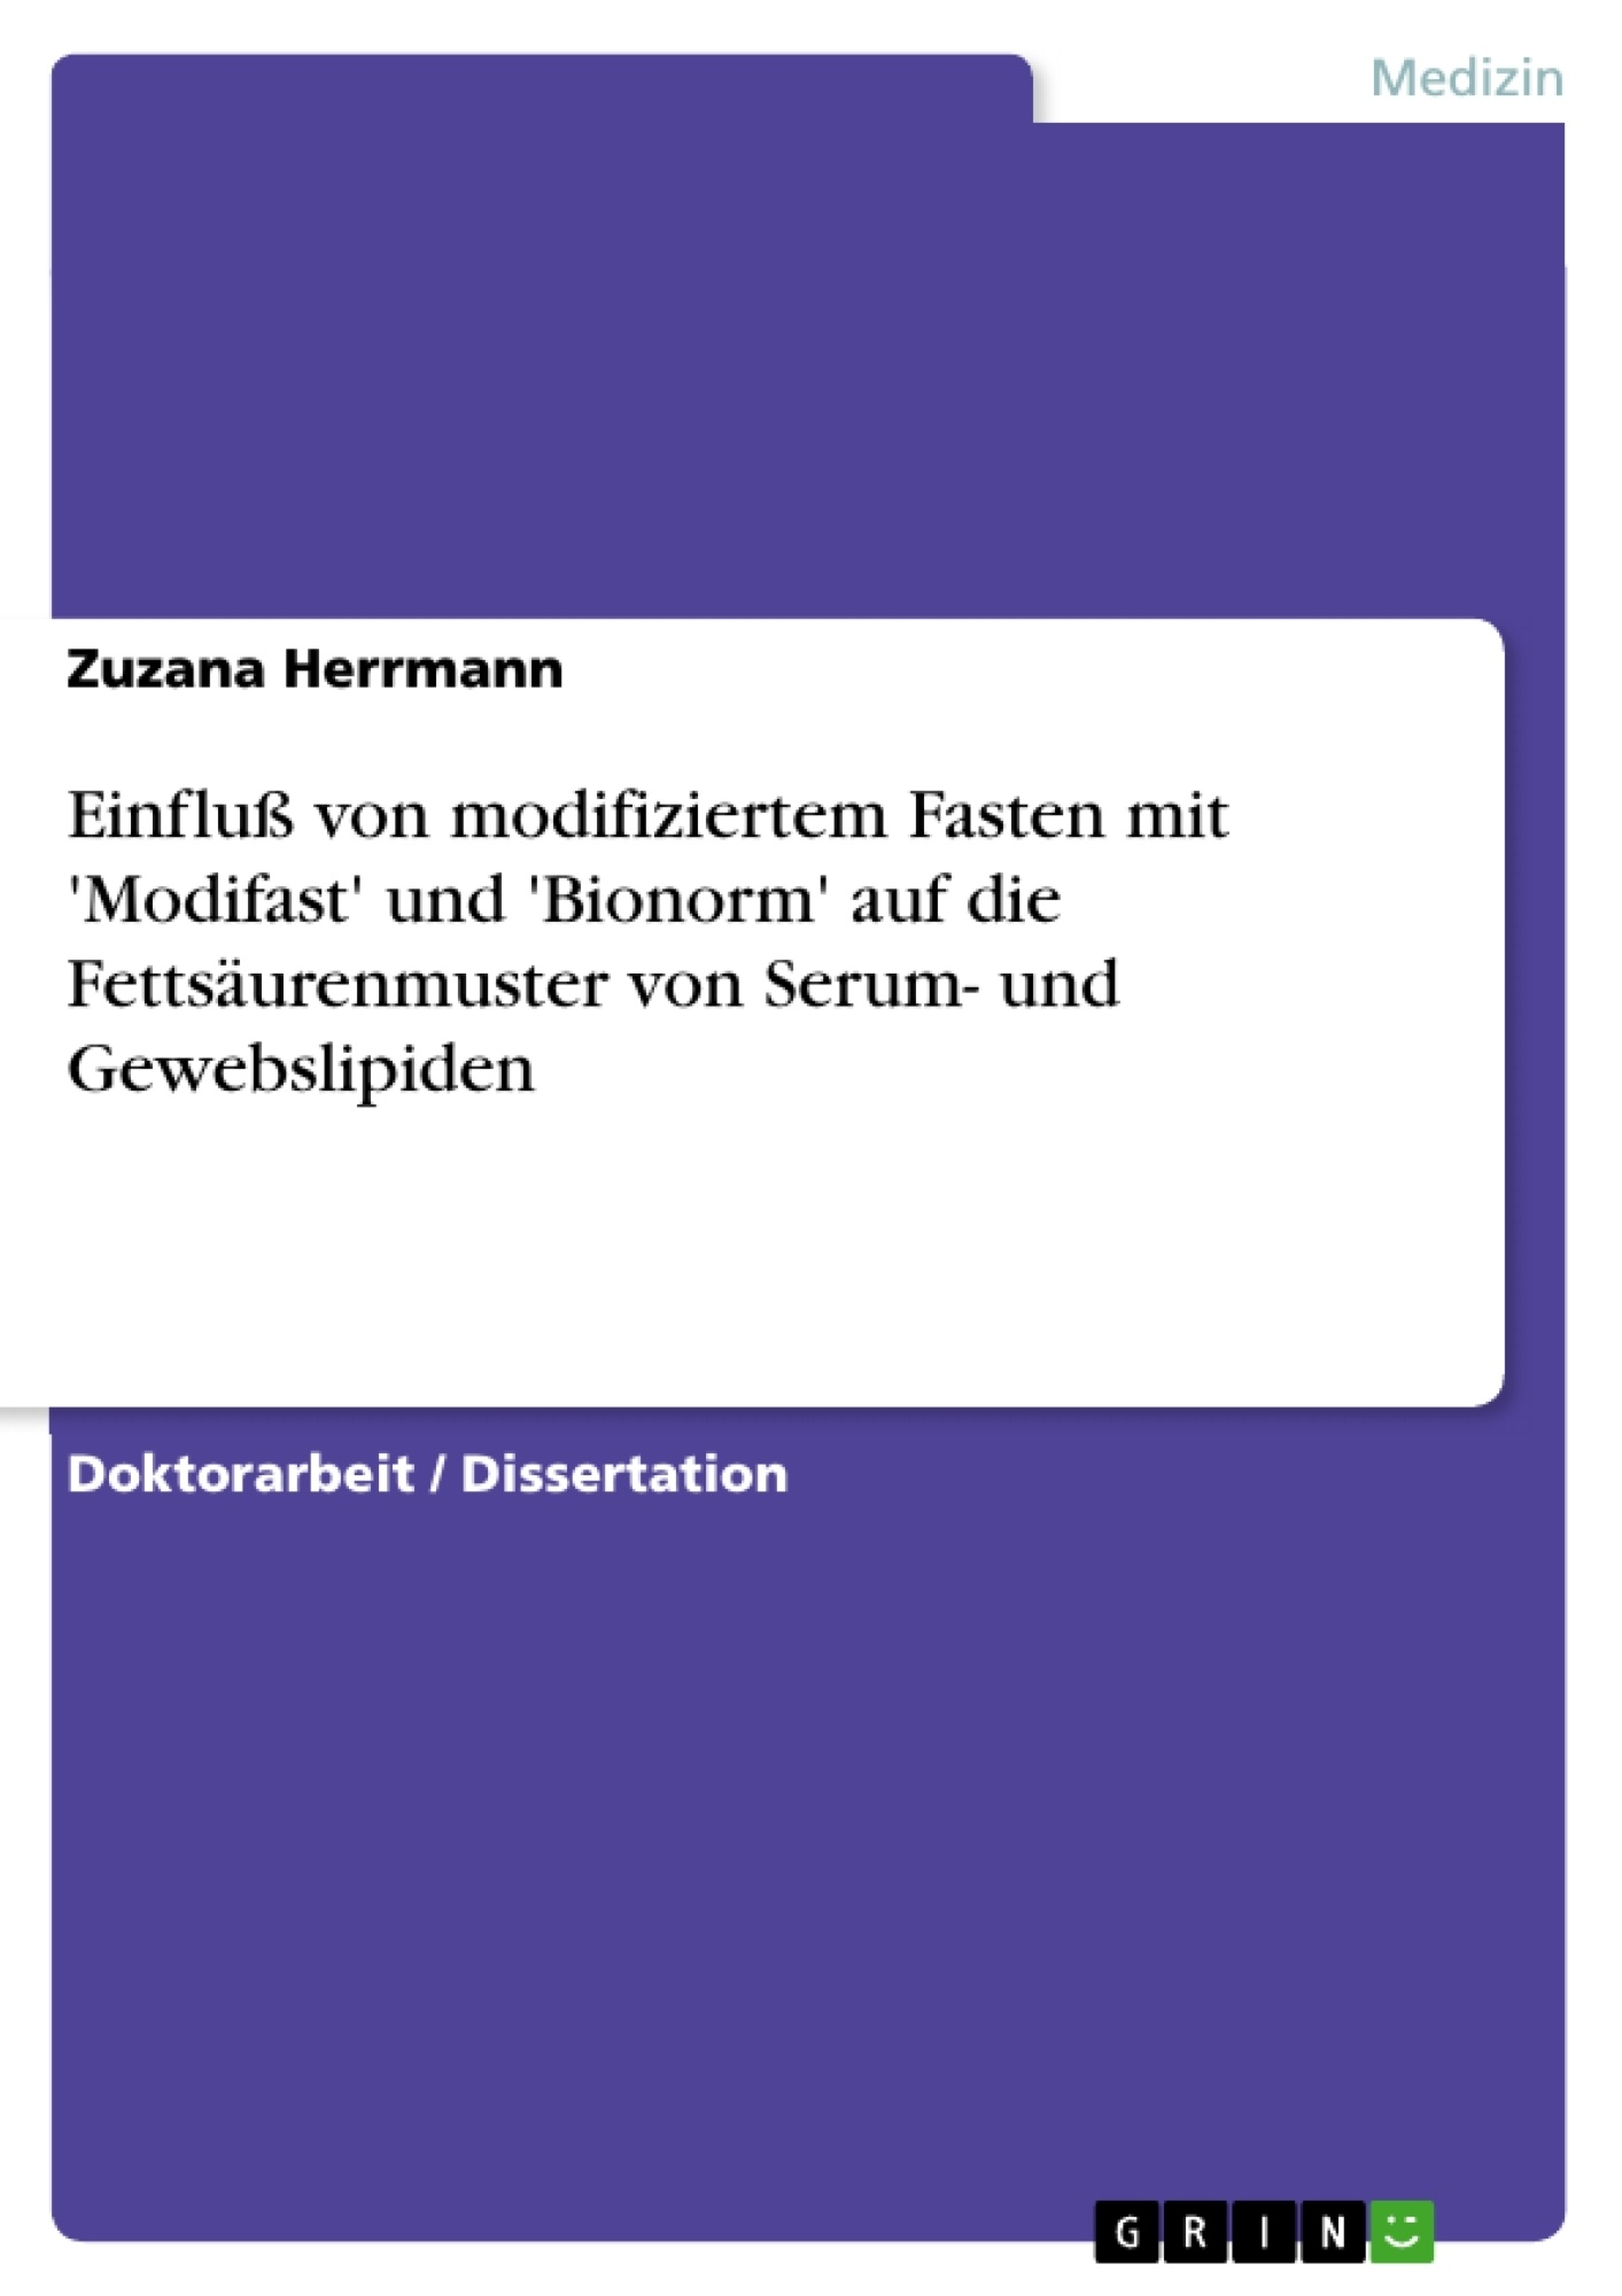 Titel: Einfluß von modifiziertem Fasten mit 'Modifast' und 'Bionorm' auf die Fettsäurenmuster von Serum- und Gewebslipiden